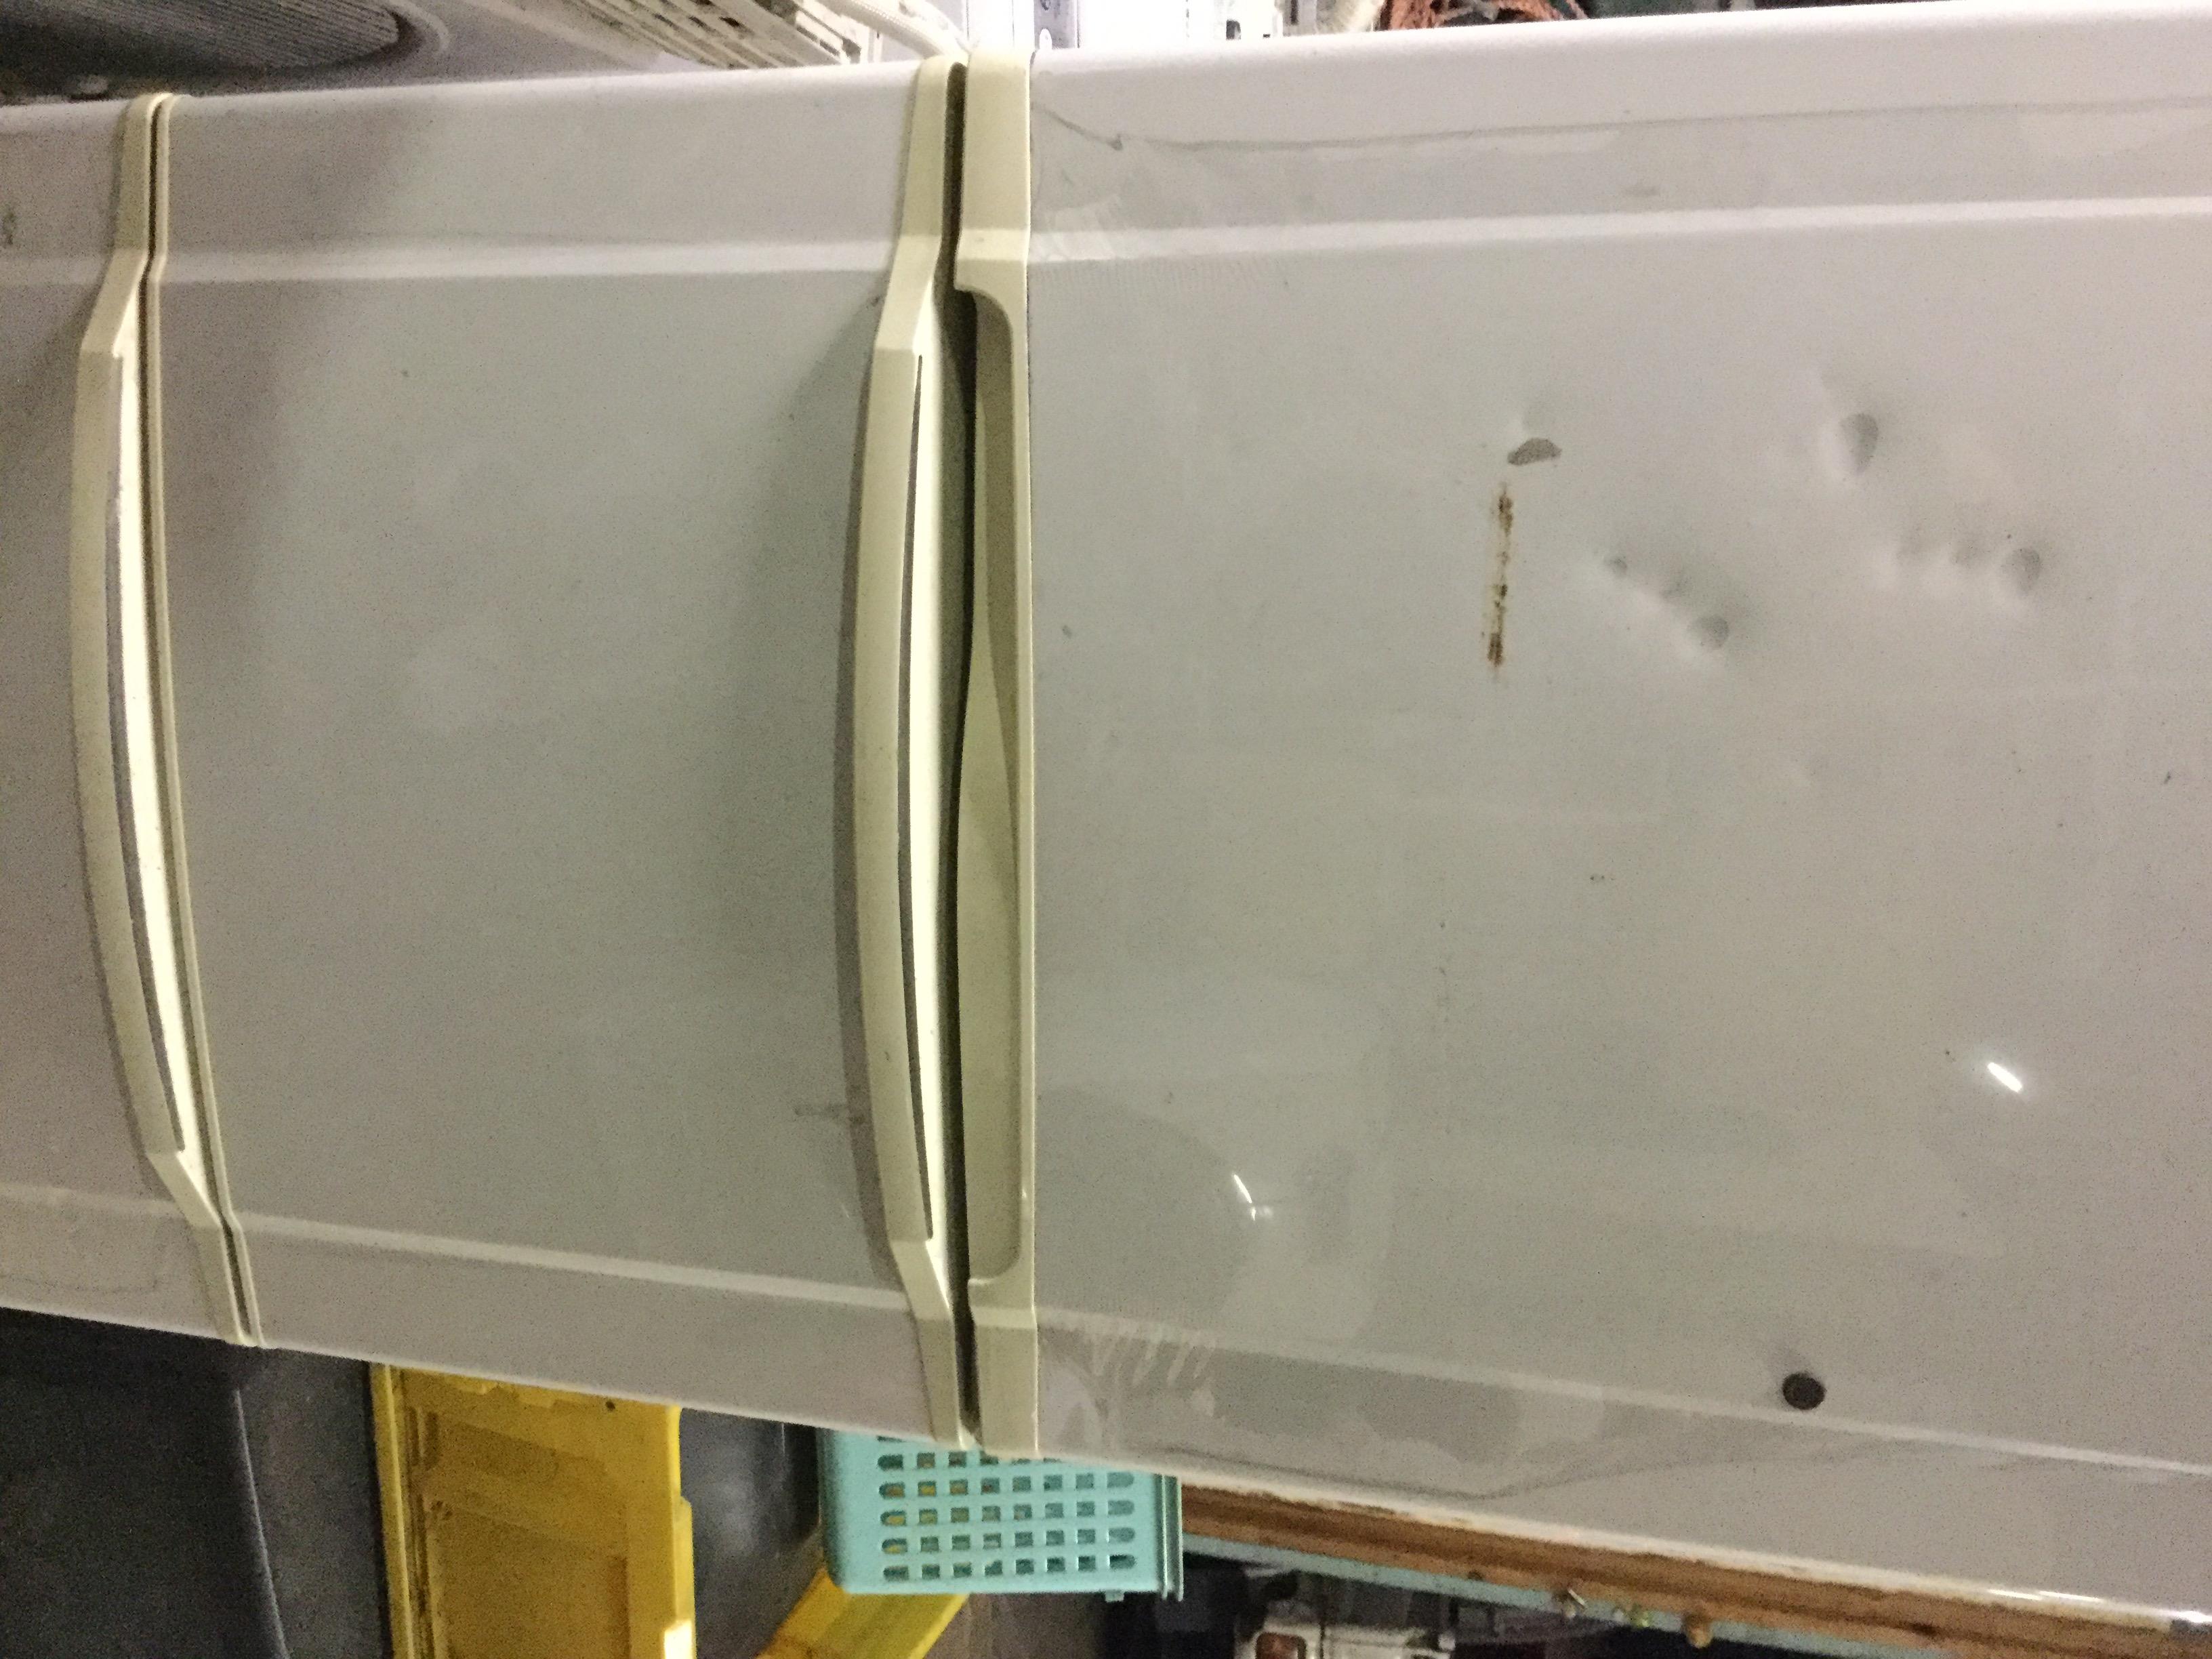 福山市大門町付近で回収した大型冷蔵庫